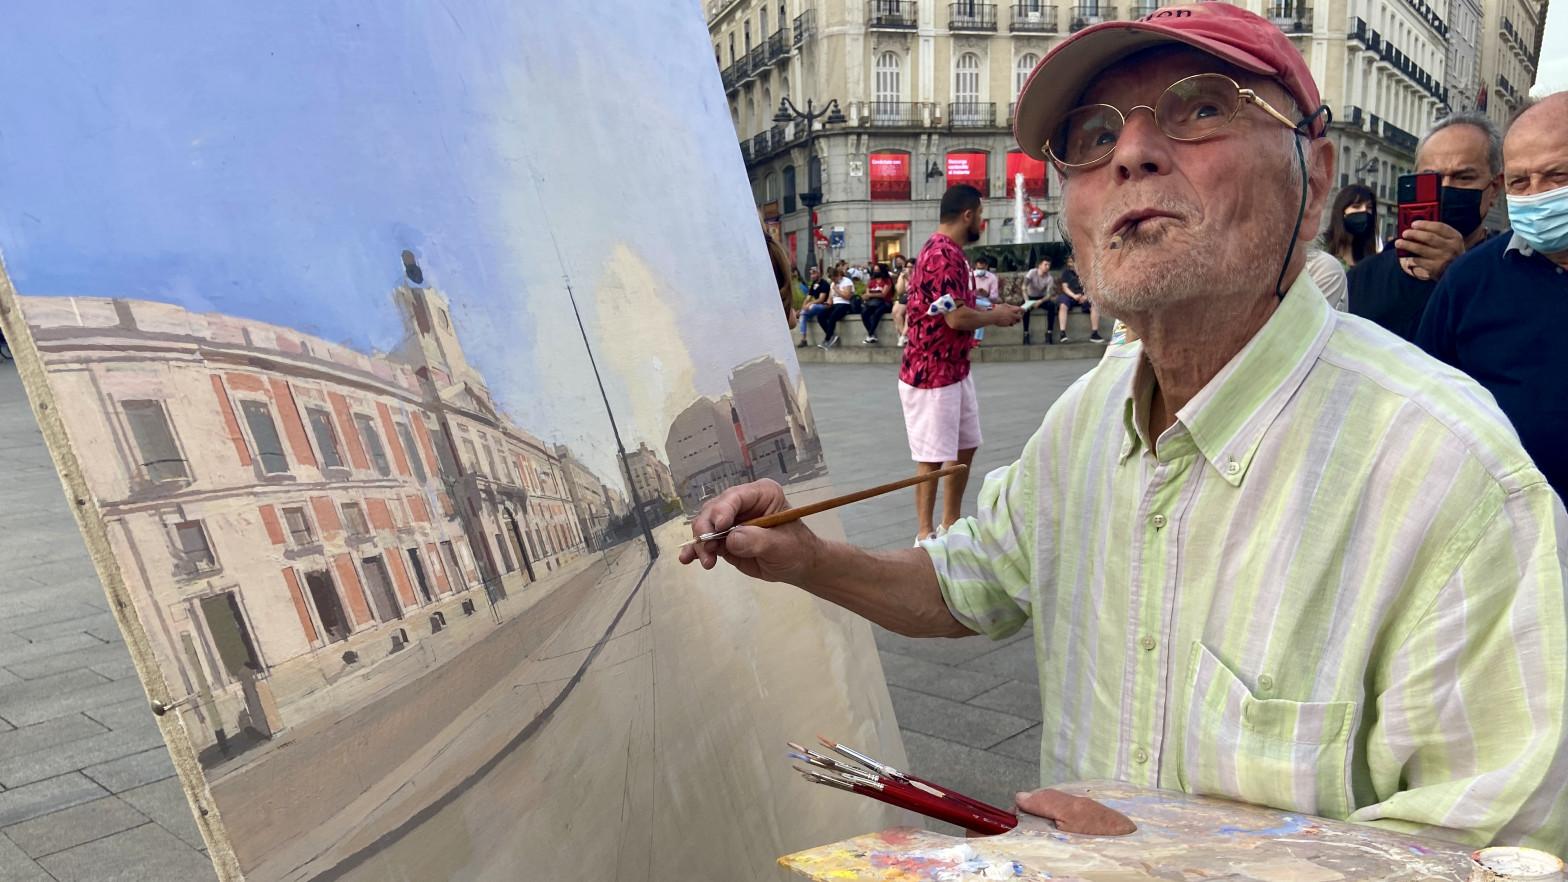 """La Policía Municipal pide """"los papeles"""" a Antonio López por pintar en la Puerta del Sol: """"Puede ser Van Gogh o quien sea"""""""